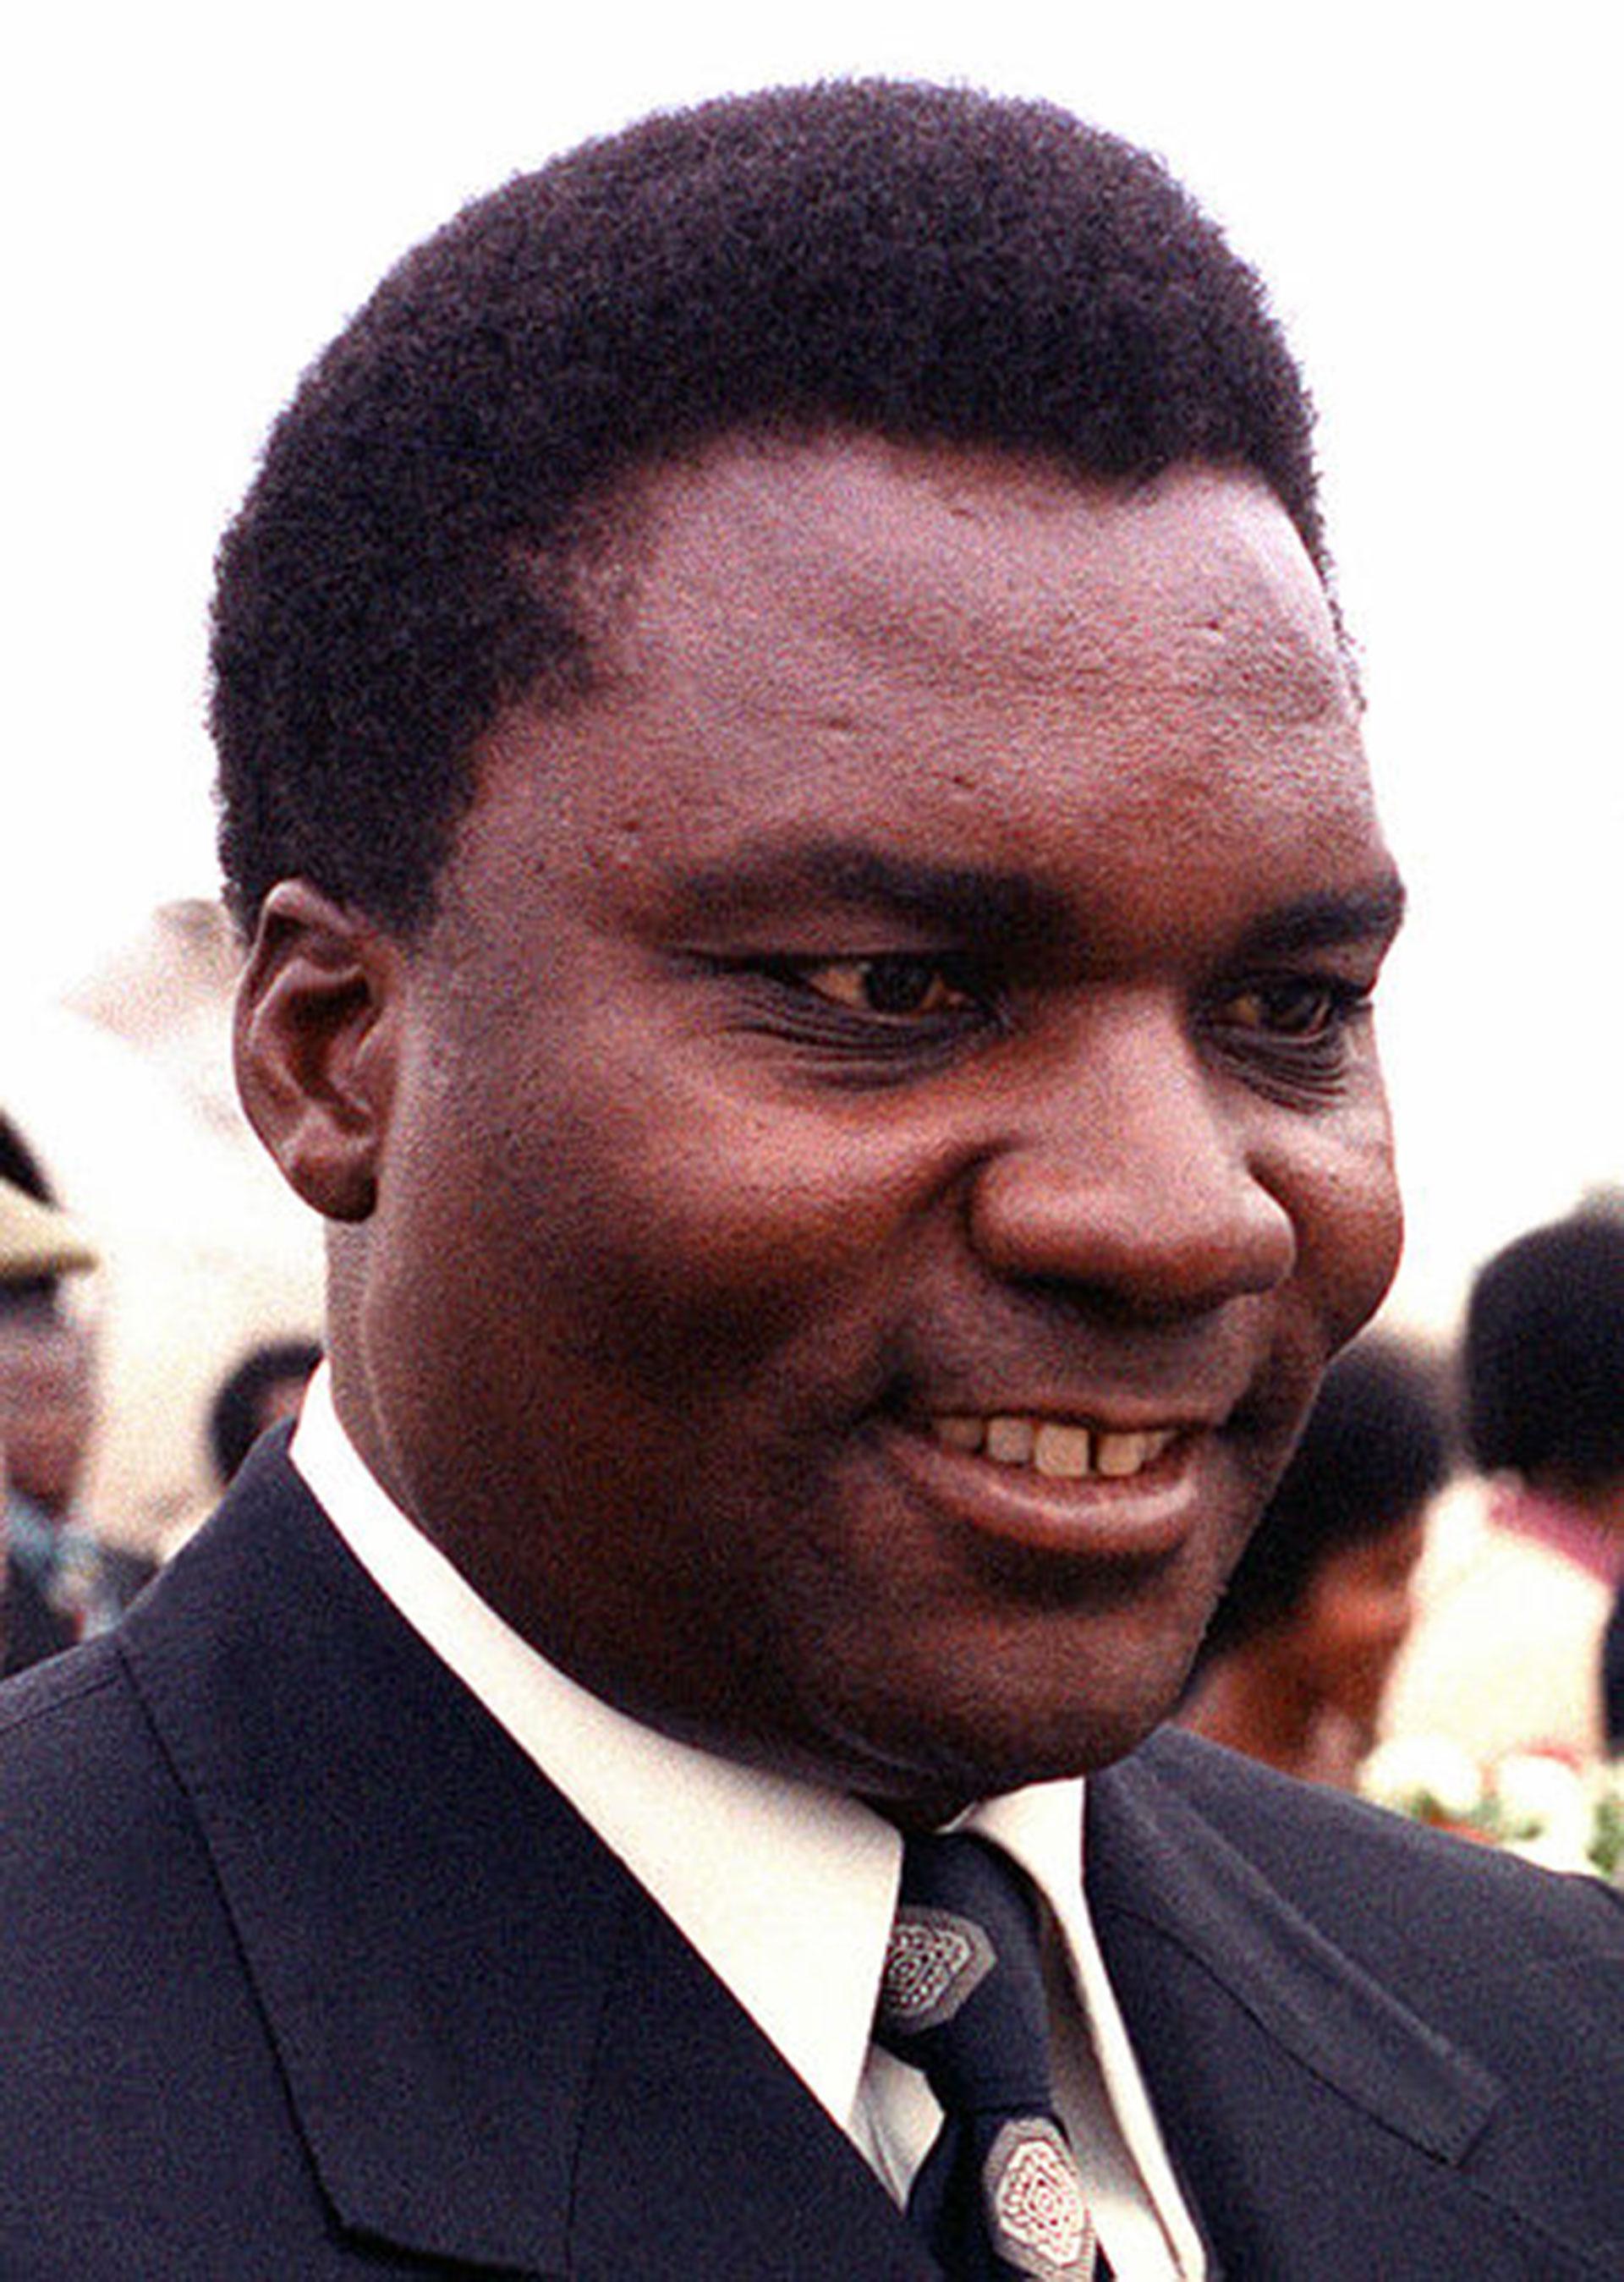 Juvénal Habyarimana, dictador de Ruanda entre 1973 y 1994